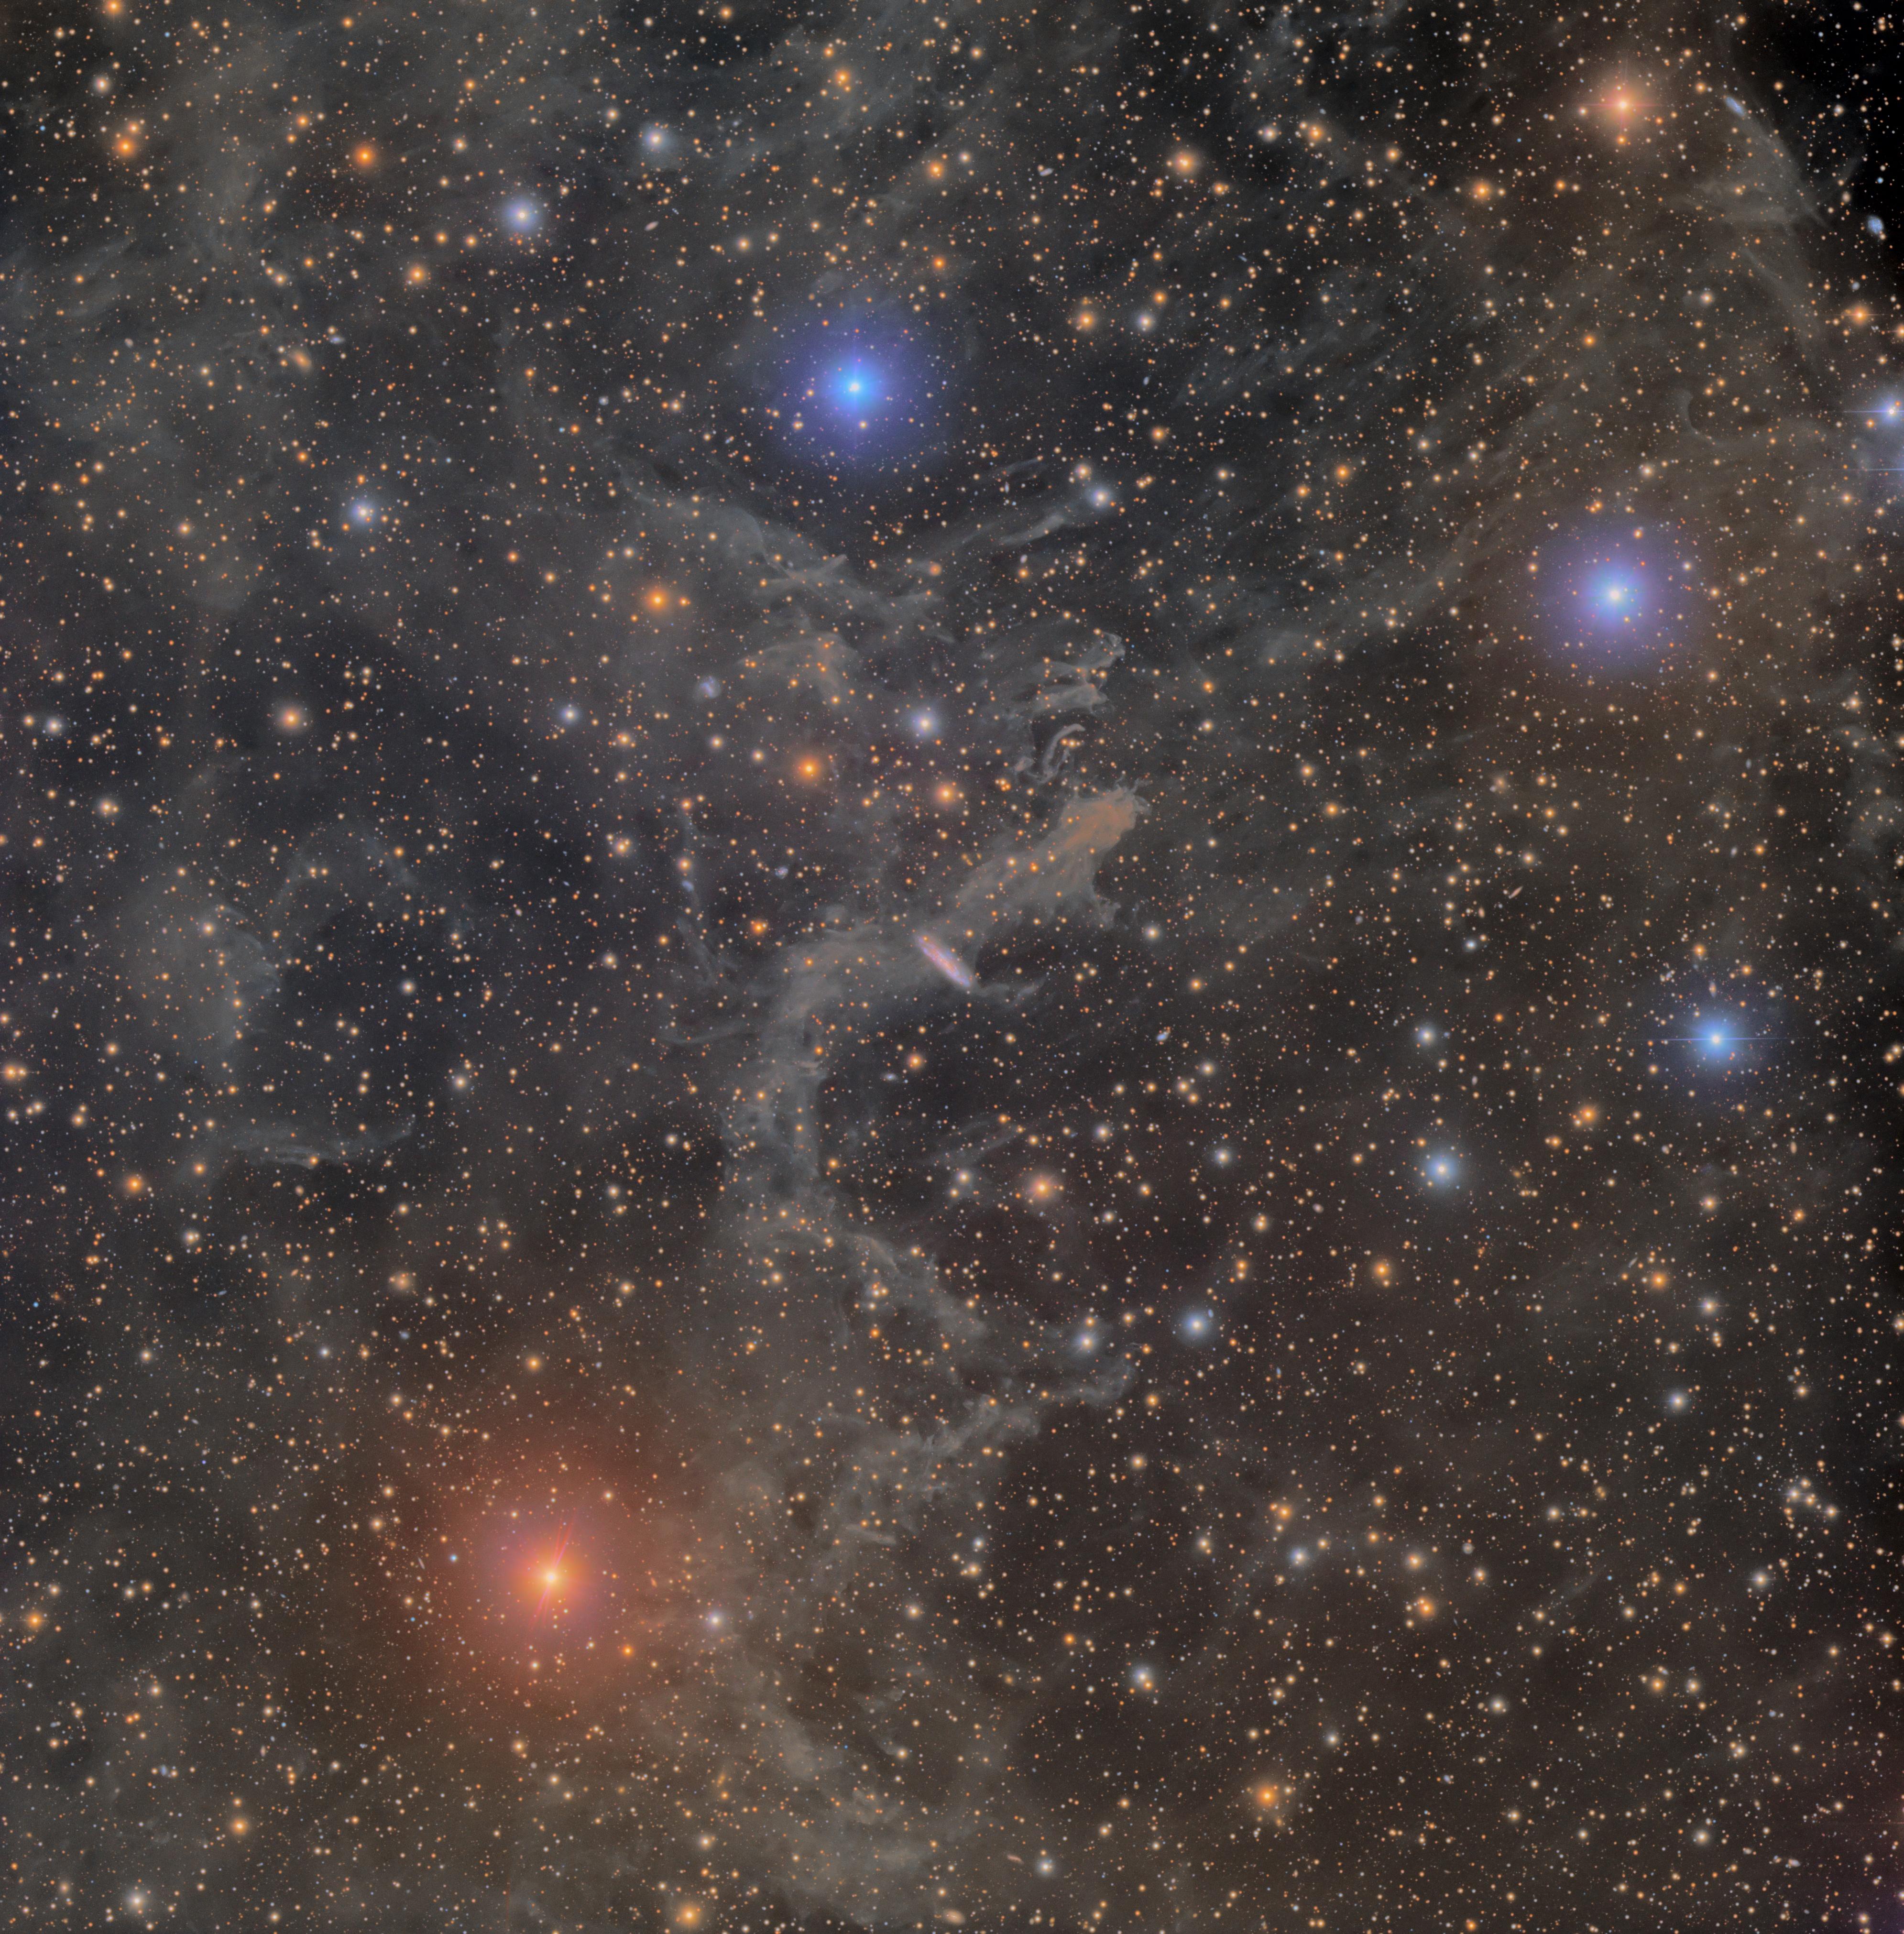 NGC 7497